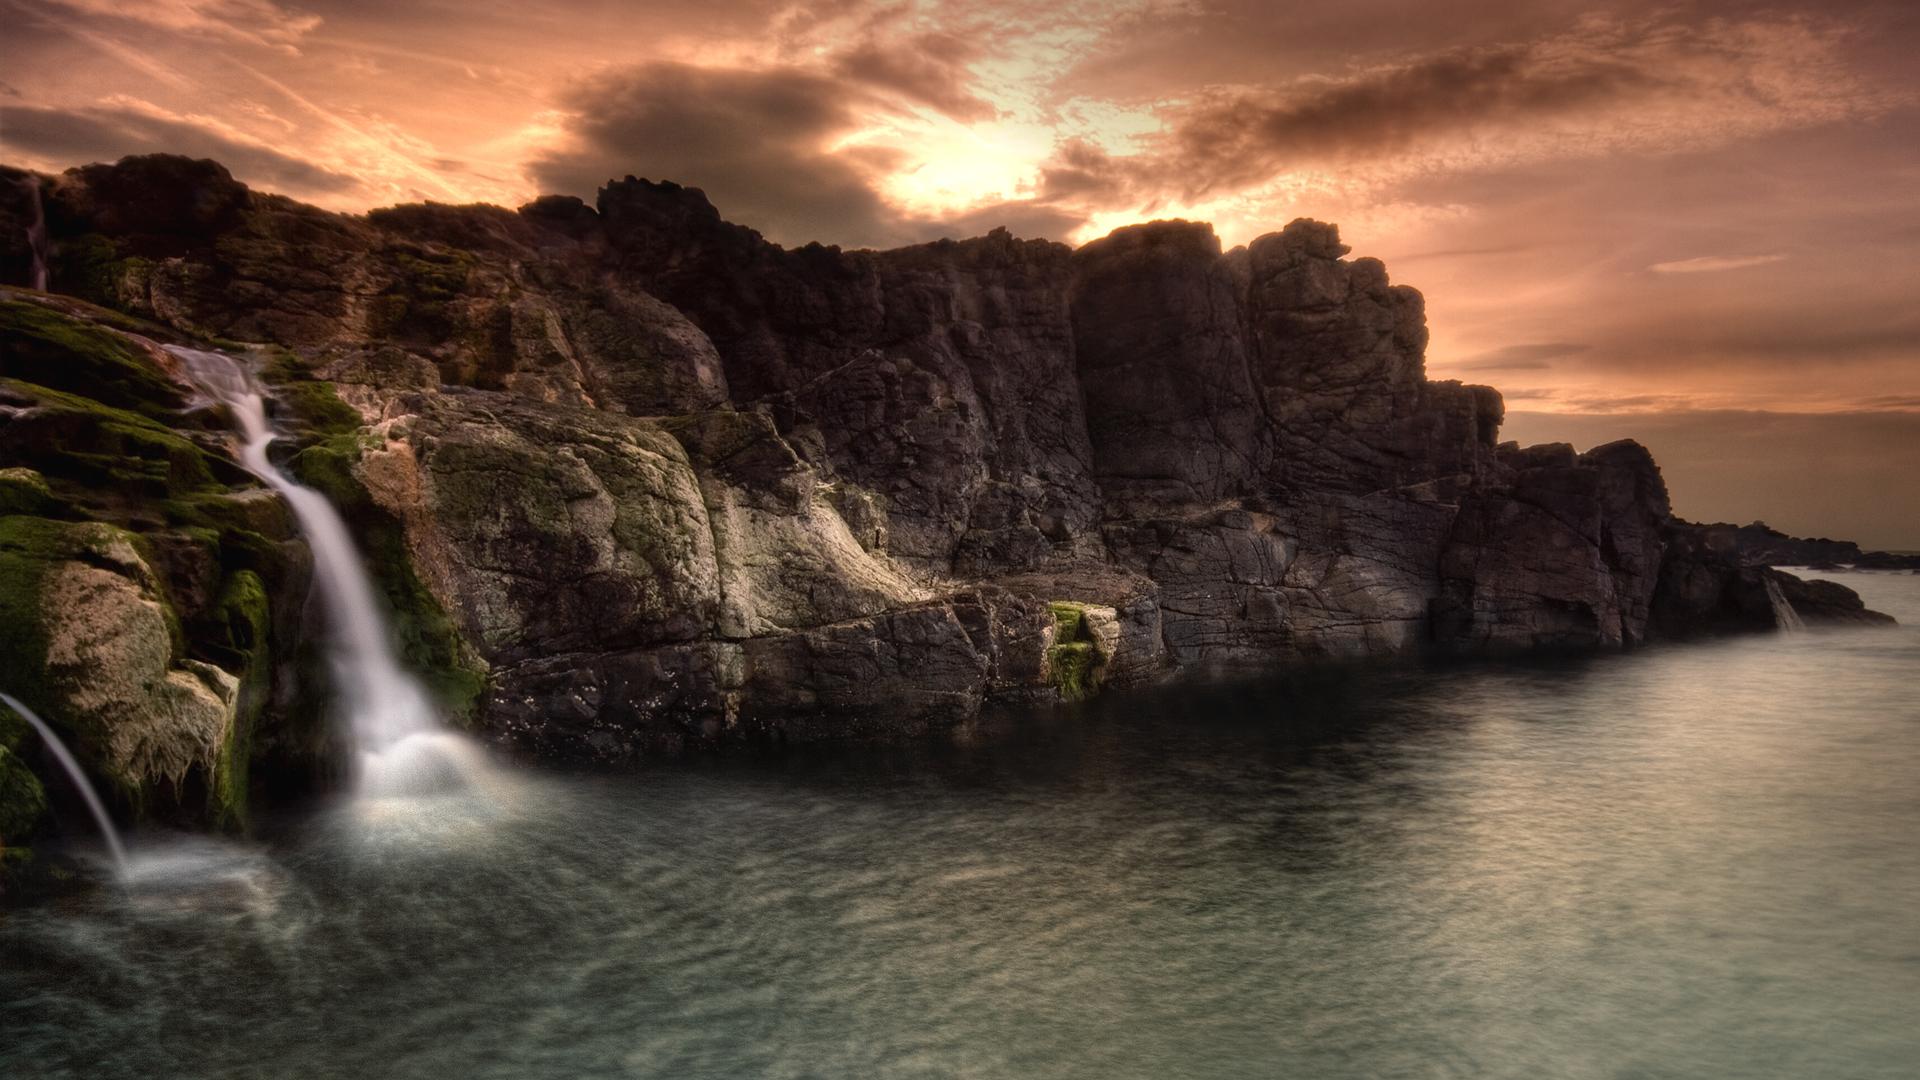 Скачать картинку Пейзаж, Горы, Море в телефон бесплатно.